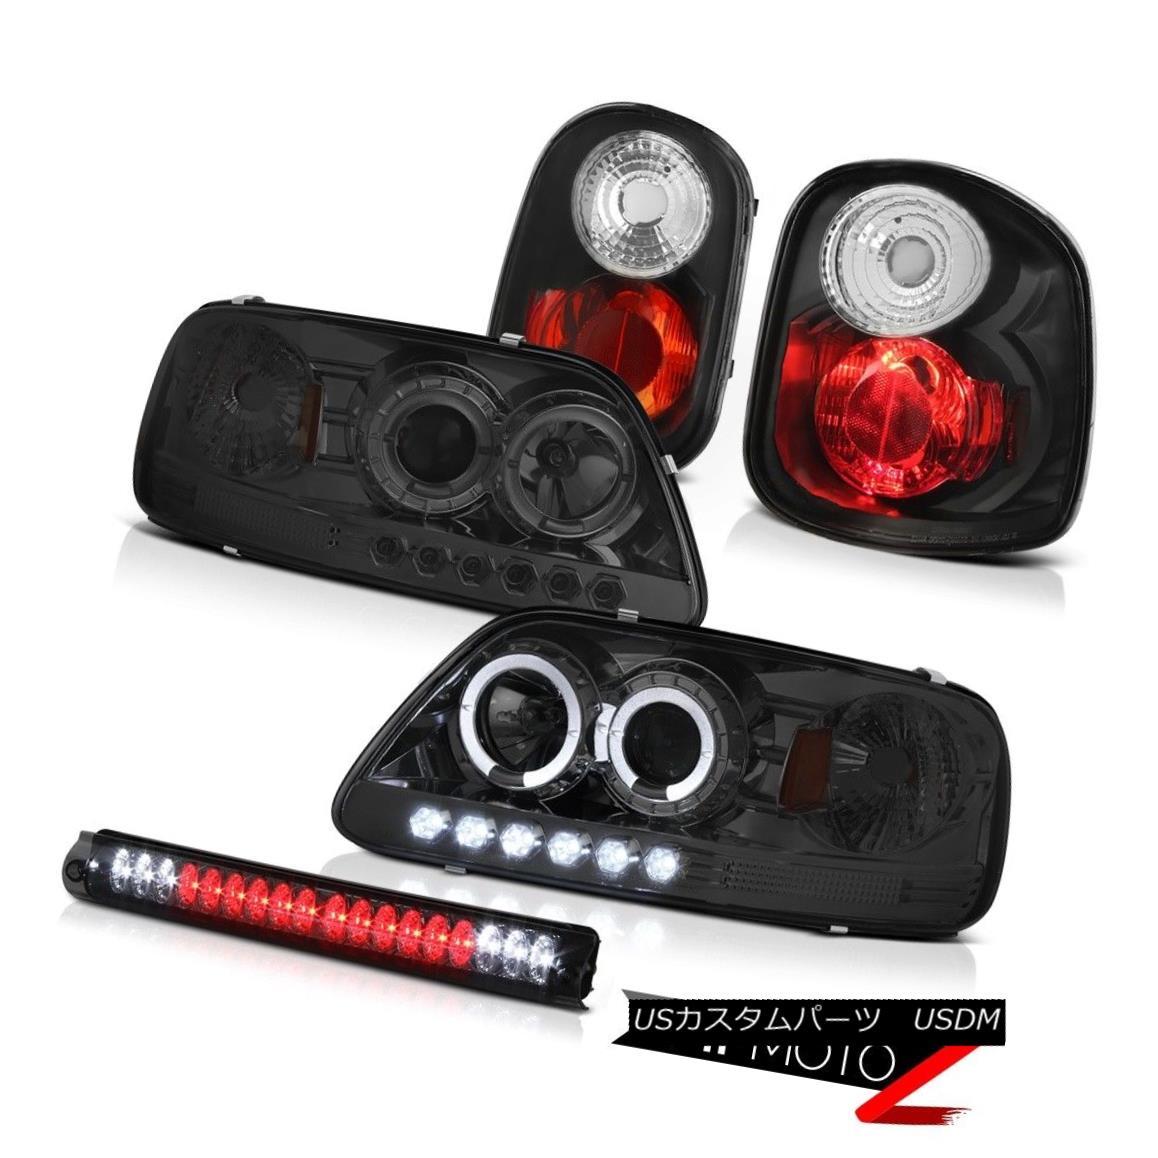 テールライト Dark Halo LED Headlamps Reverse Taillights 3rd Brake 01 02 03 F150 Flareside SVT ダークハローLEDヘッドライトリバーステールライト3rdブレーキ01 02 03 F150 Flareside SVT